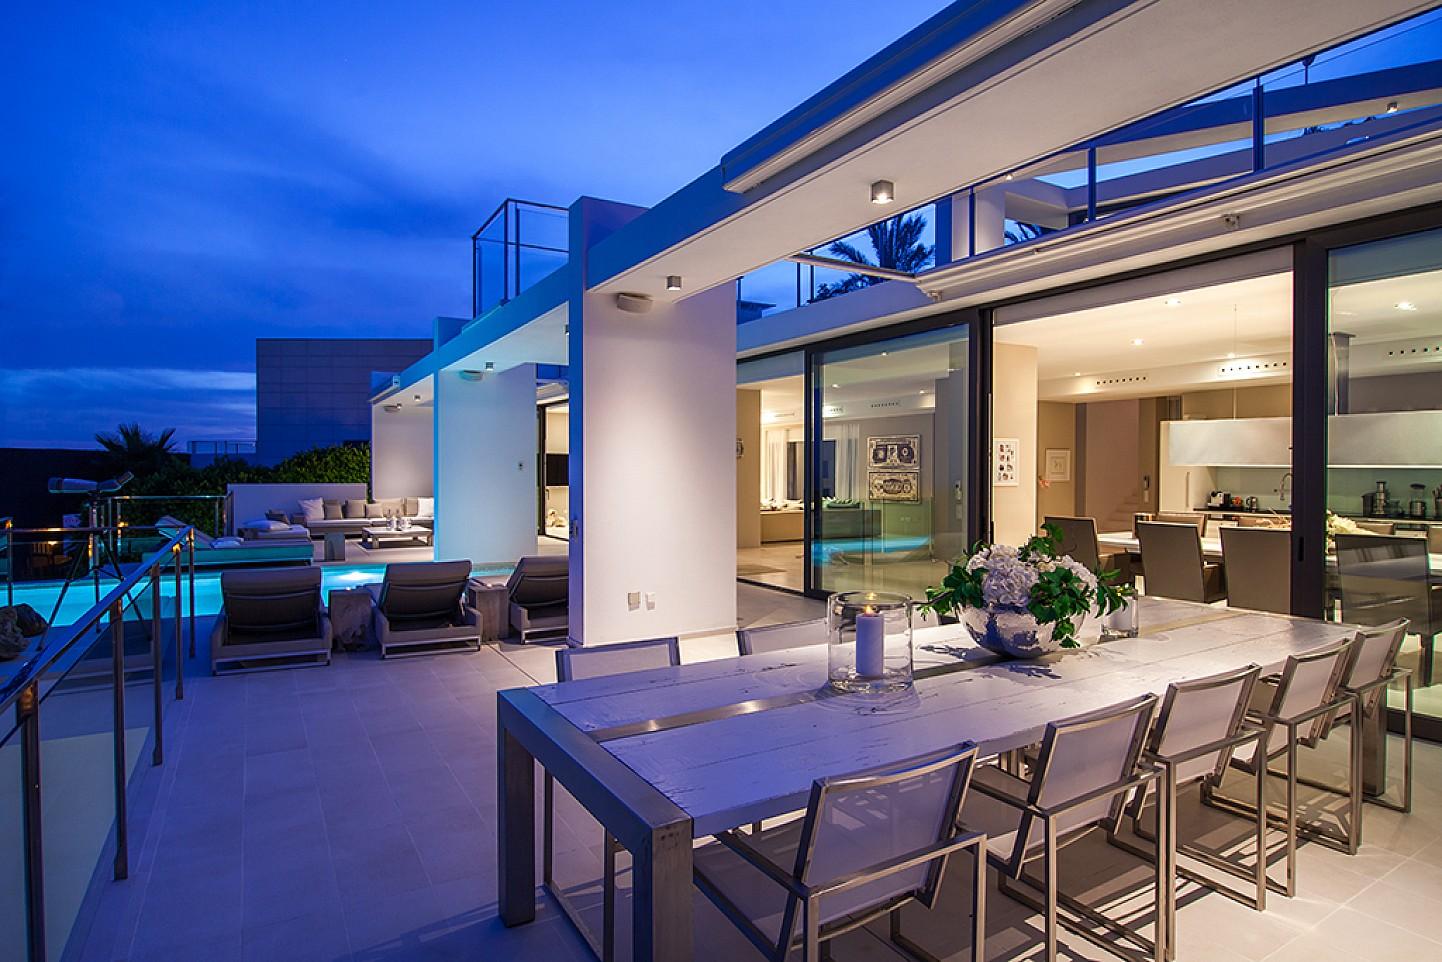 Terrasse mit Blick in den Wohnzimmerbereich